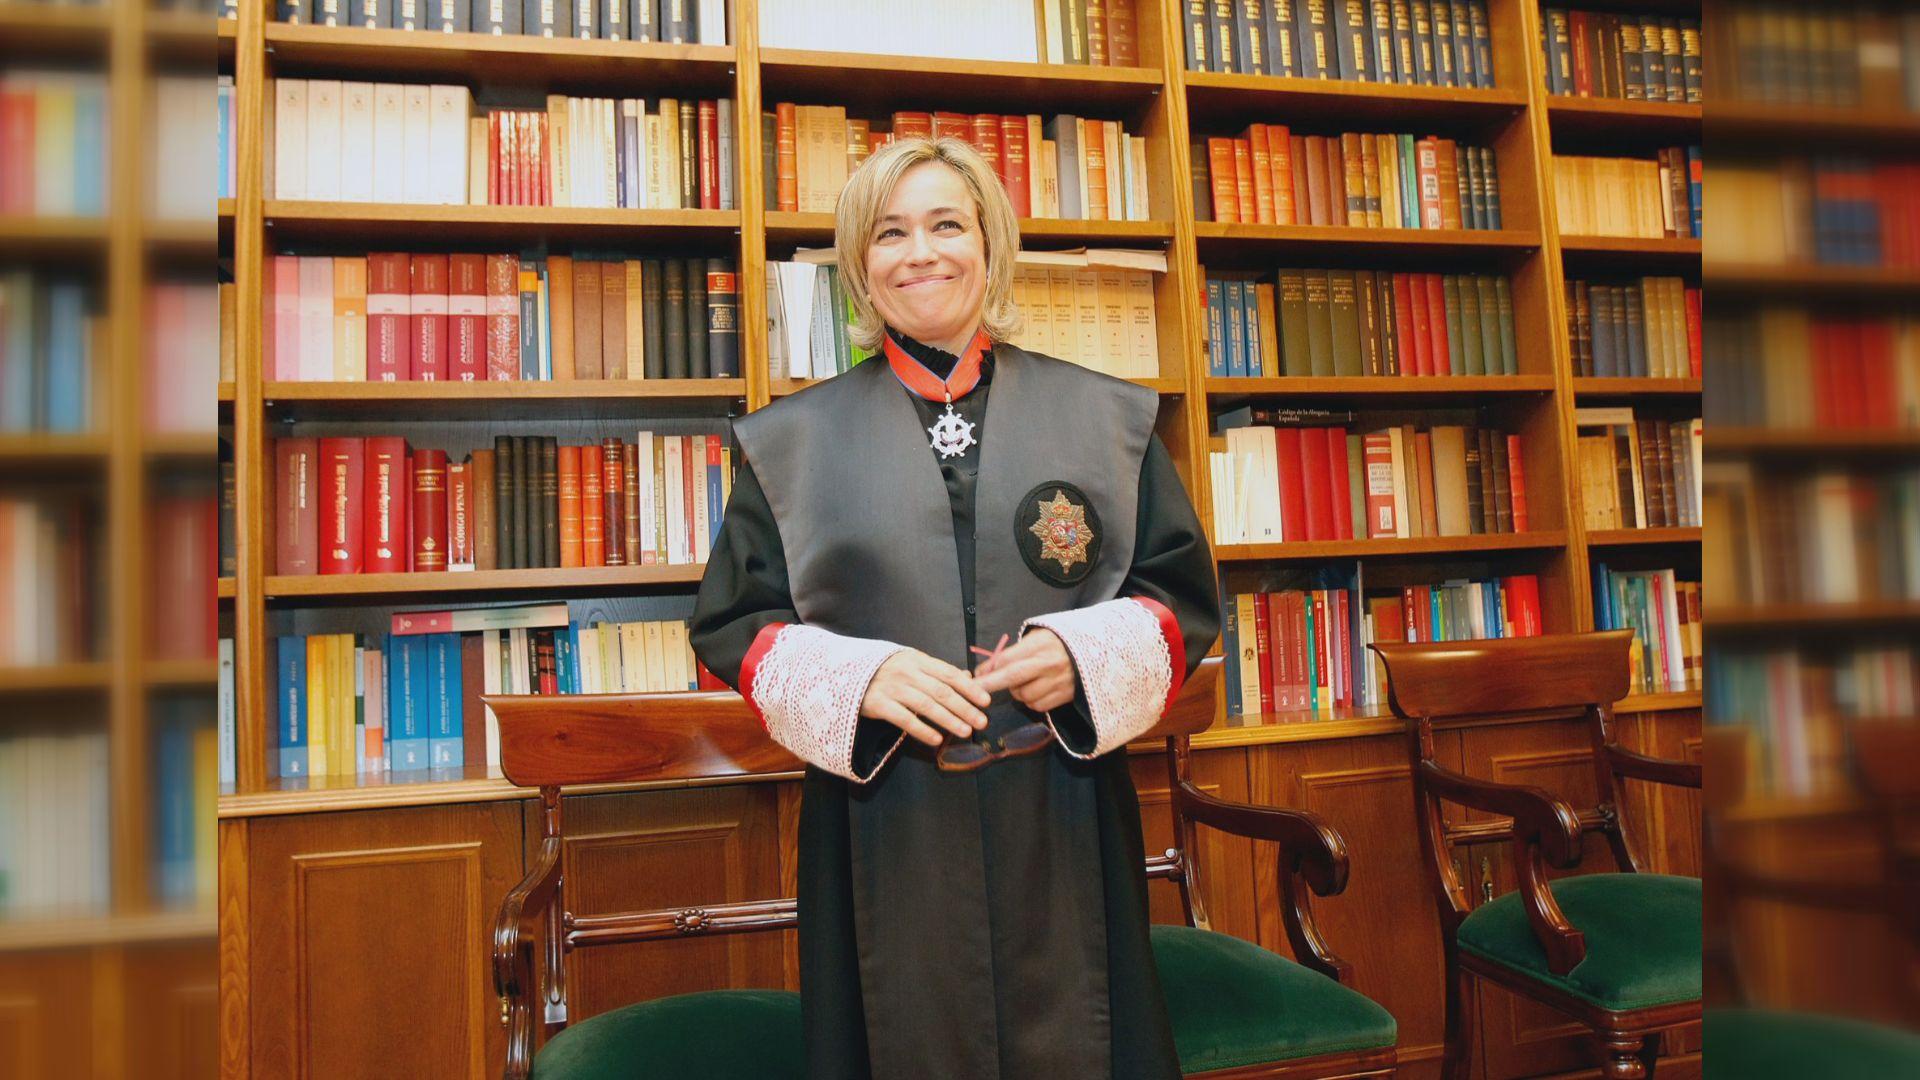 CONSUELO CASTRO (abogada general del Estado) - tiene un patrimonio de 234.295 euros